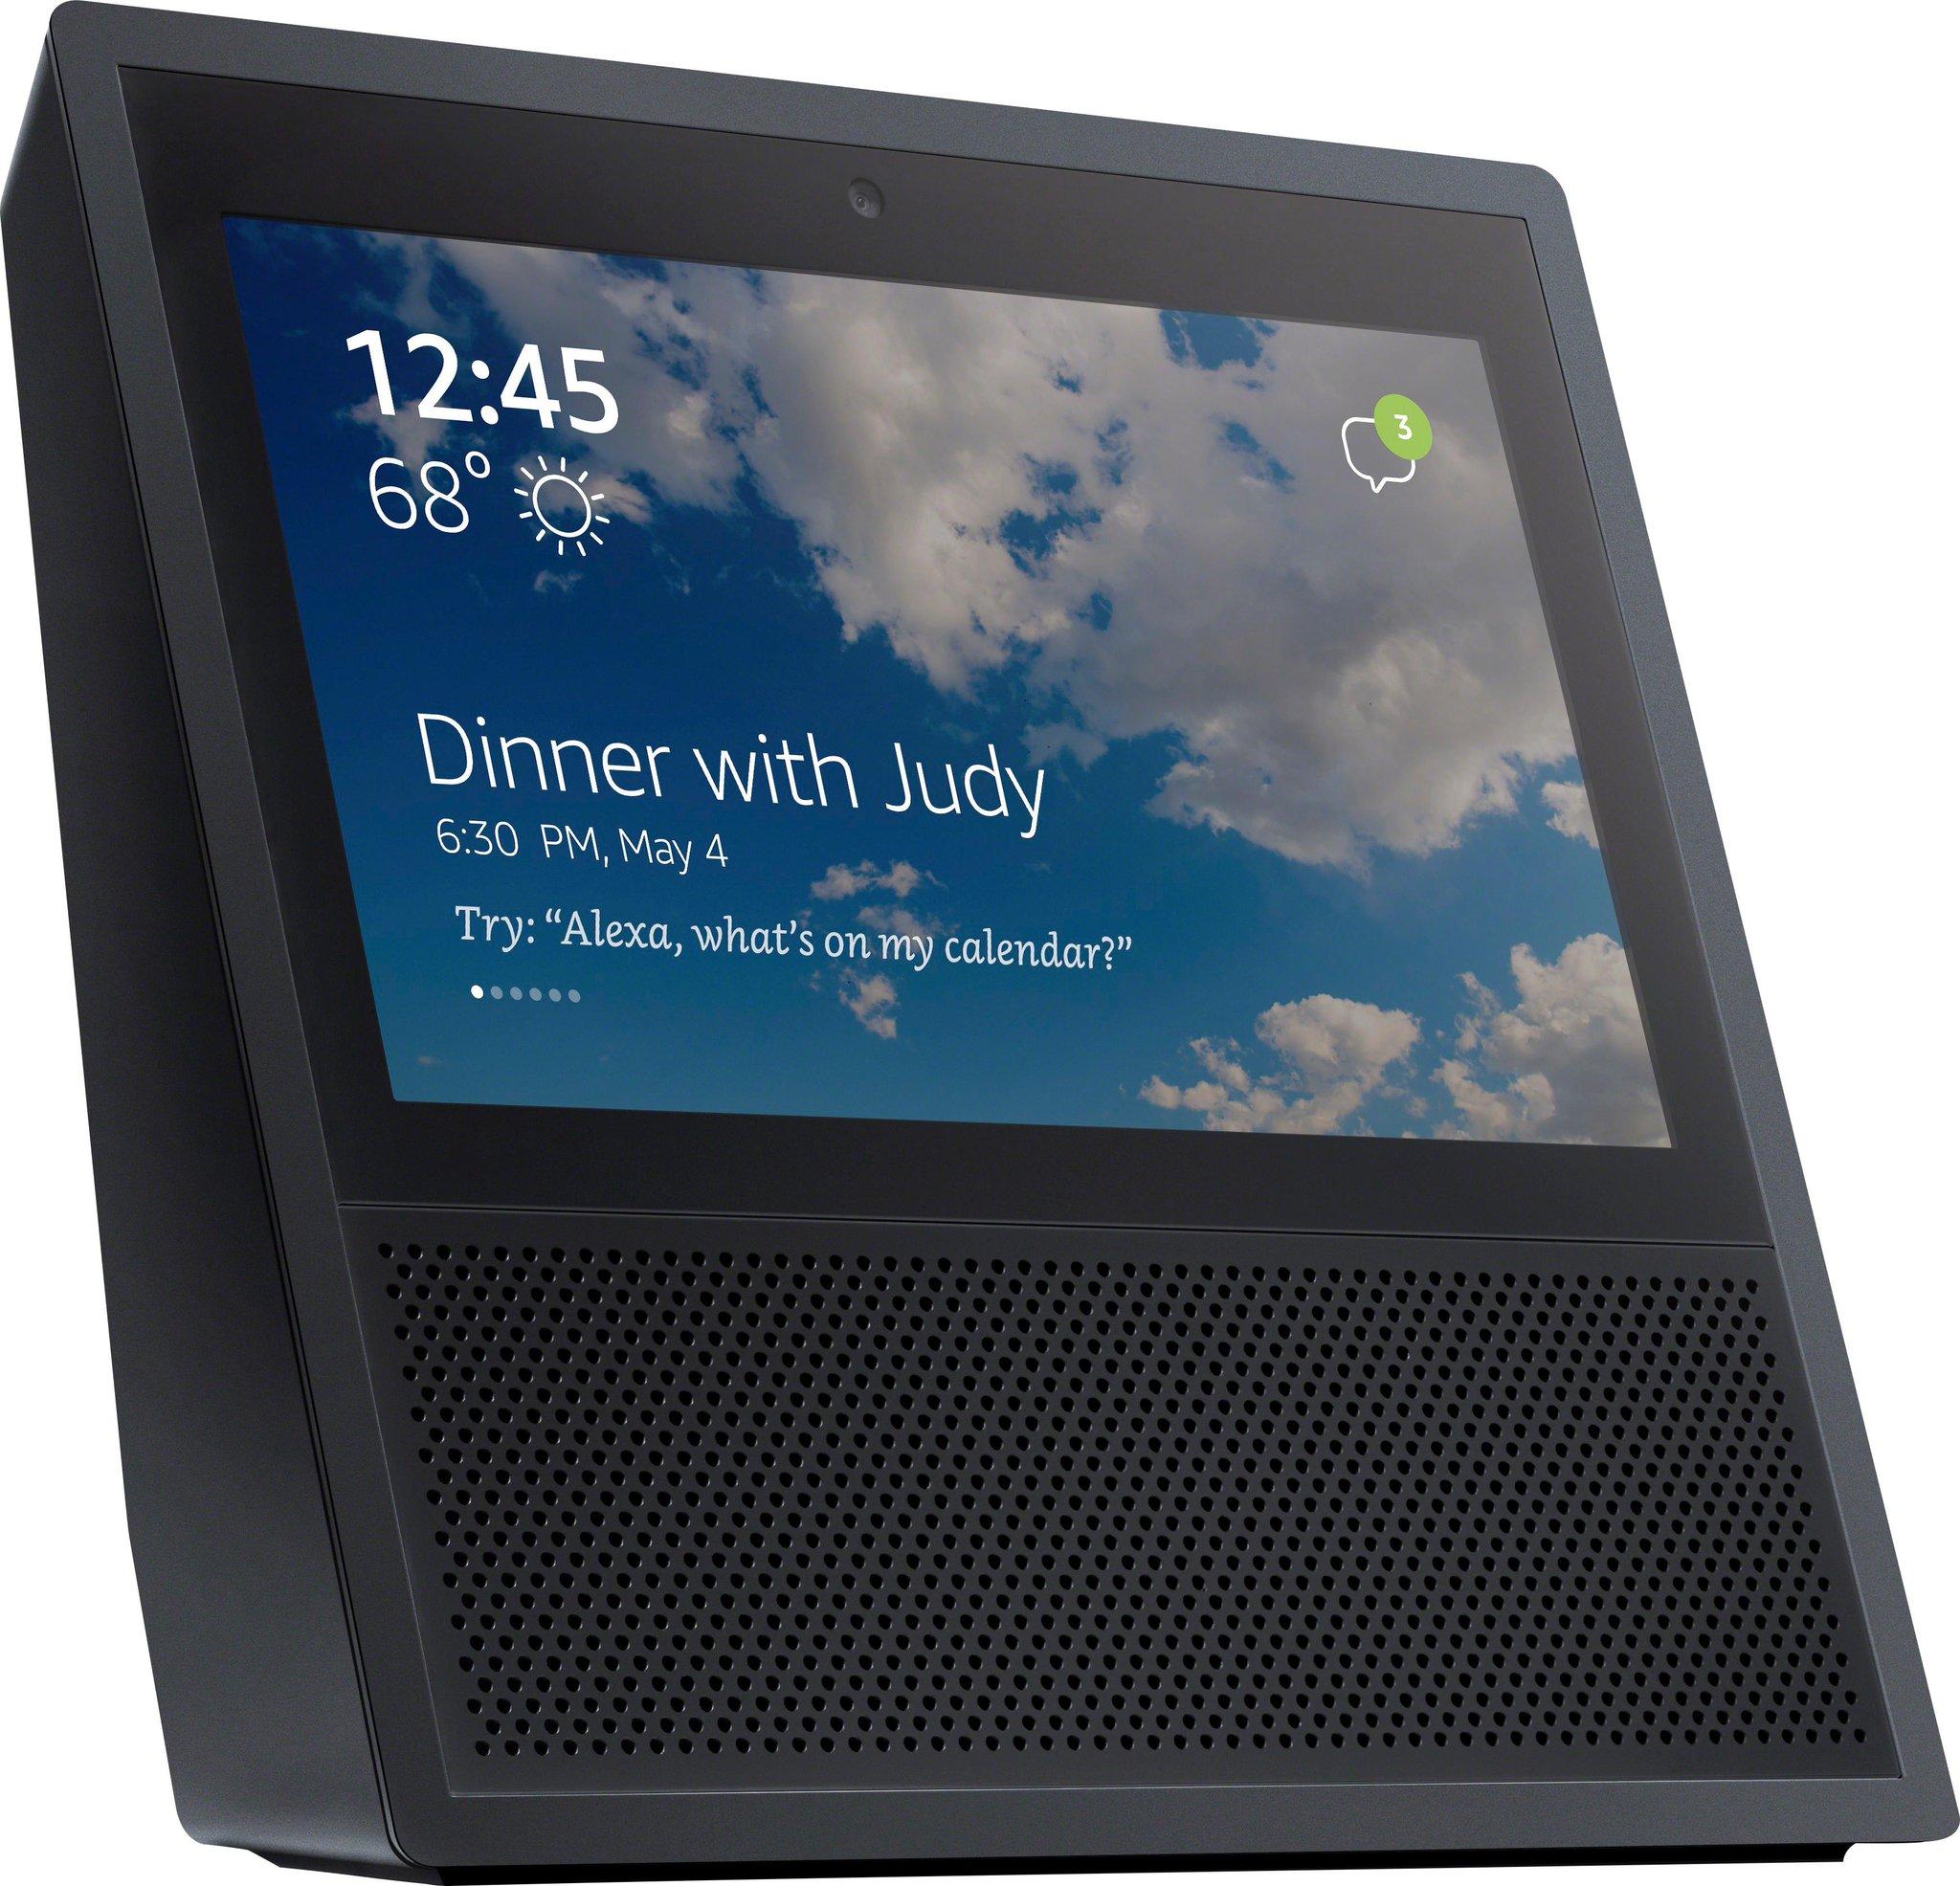 Echo 2 har skjerm, mens Microsoft og Harman akkurat lanserte en uten. Hva blir trenden fremover? Kanskje begge typer.